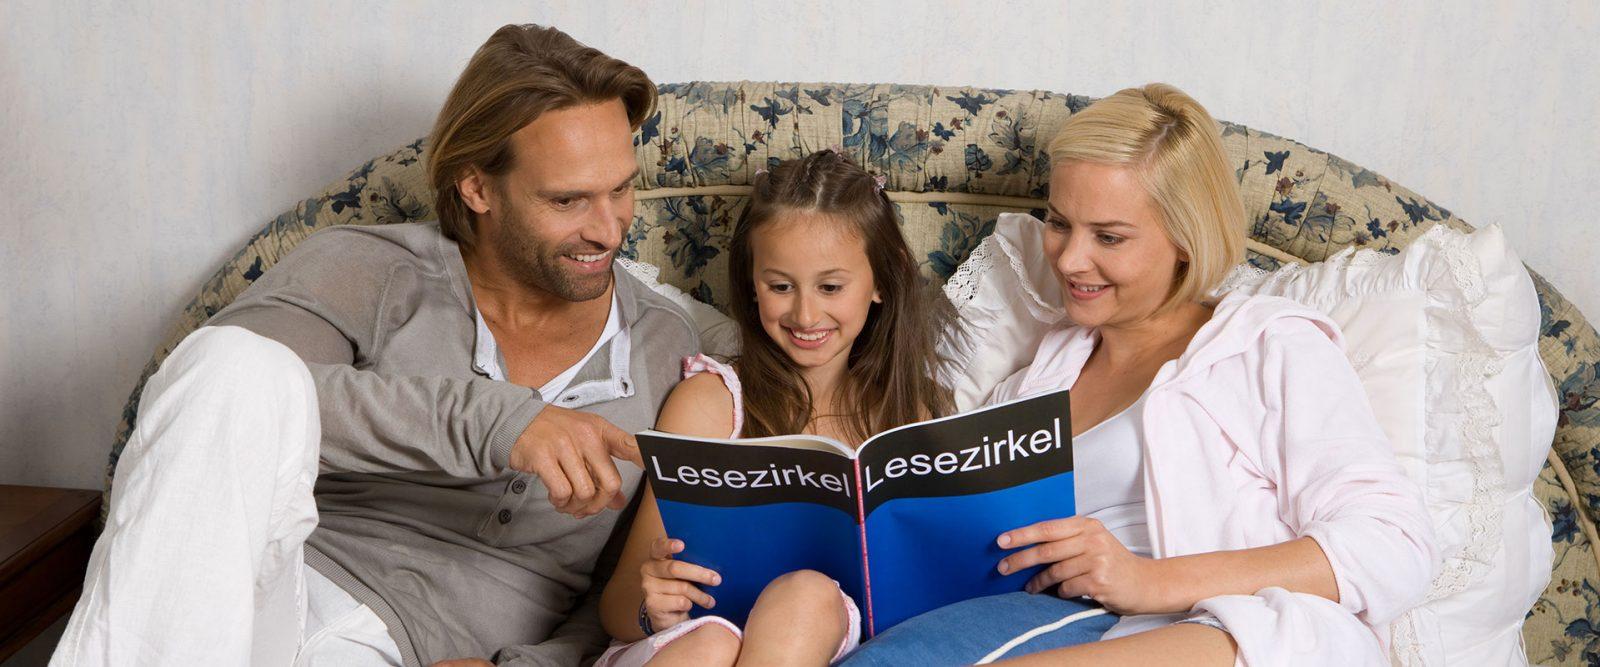 Familie beim Zeitschriften lesen